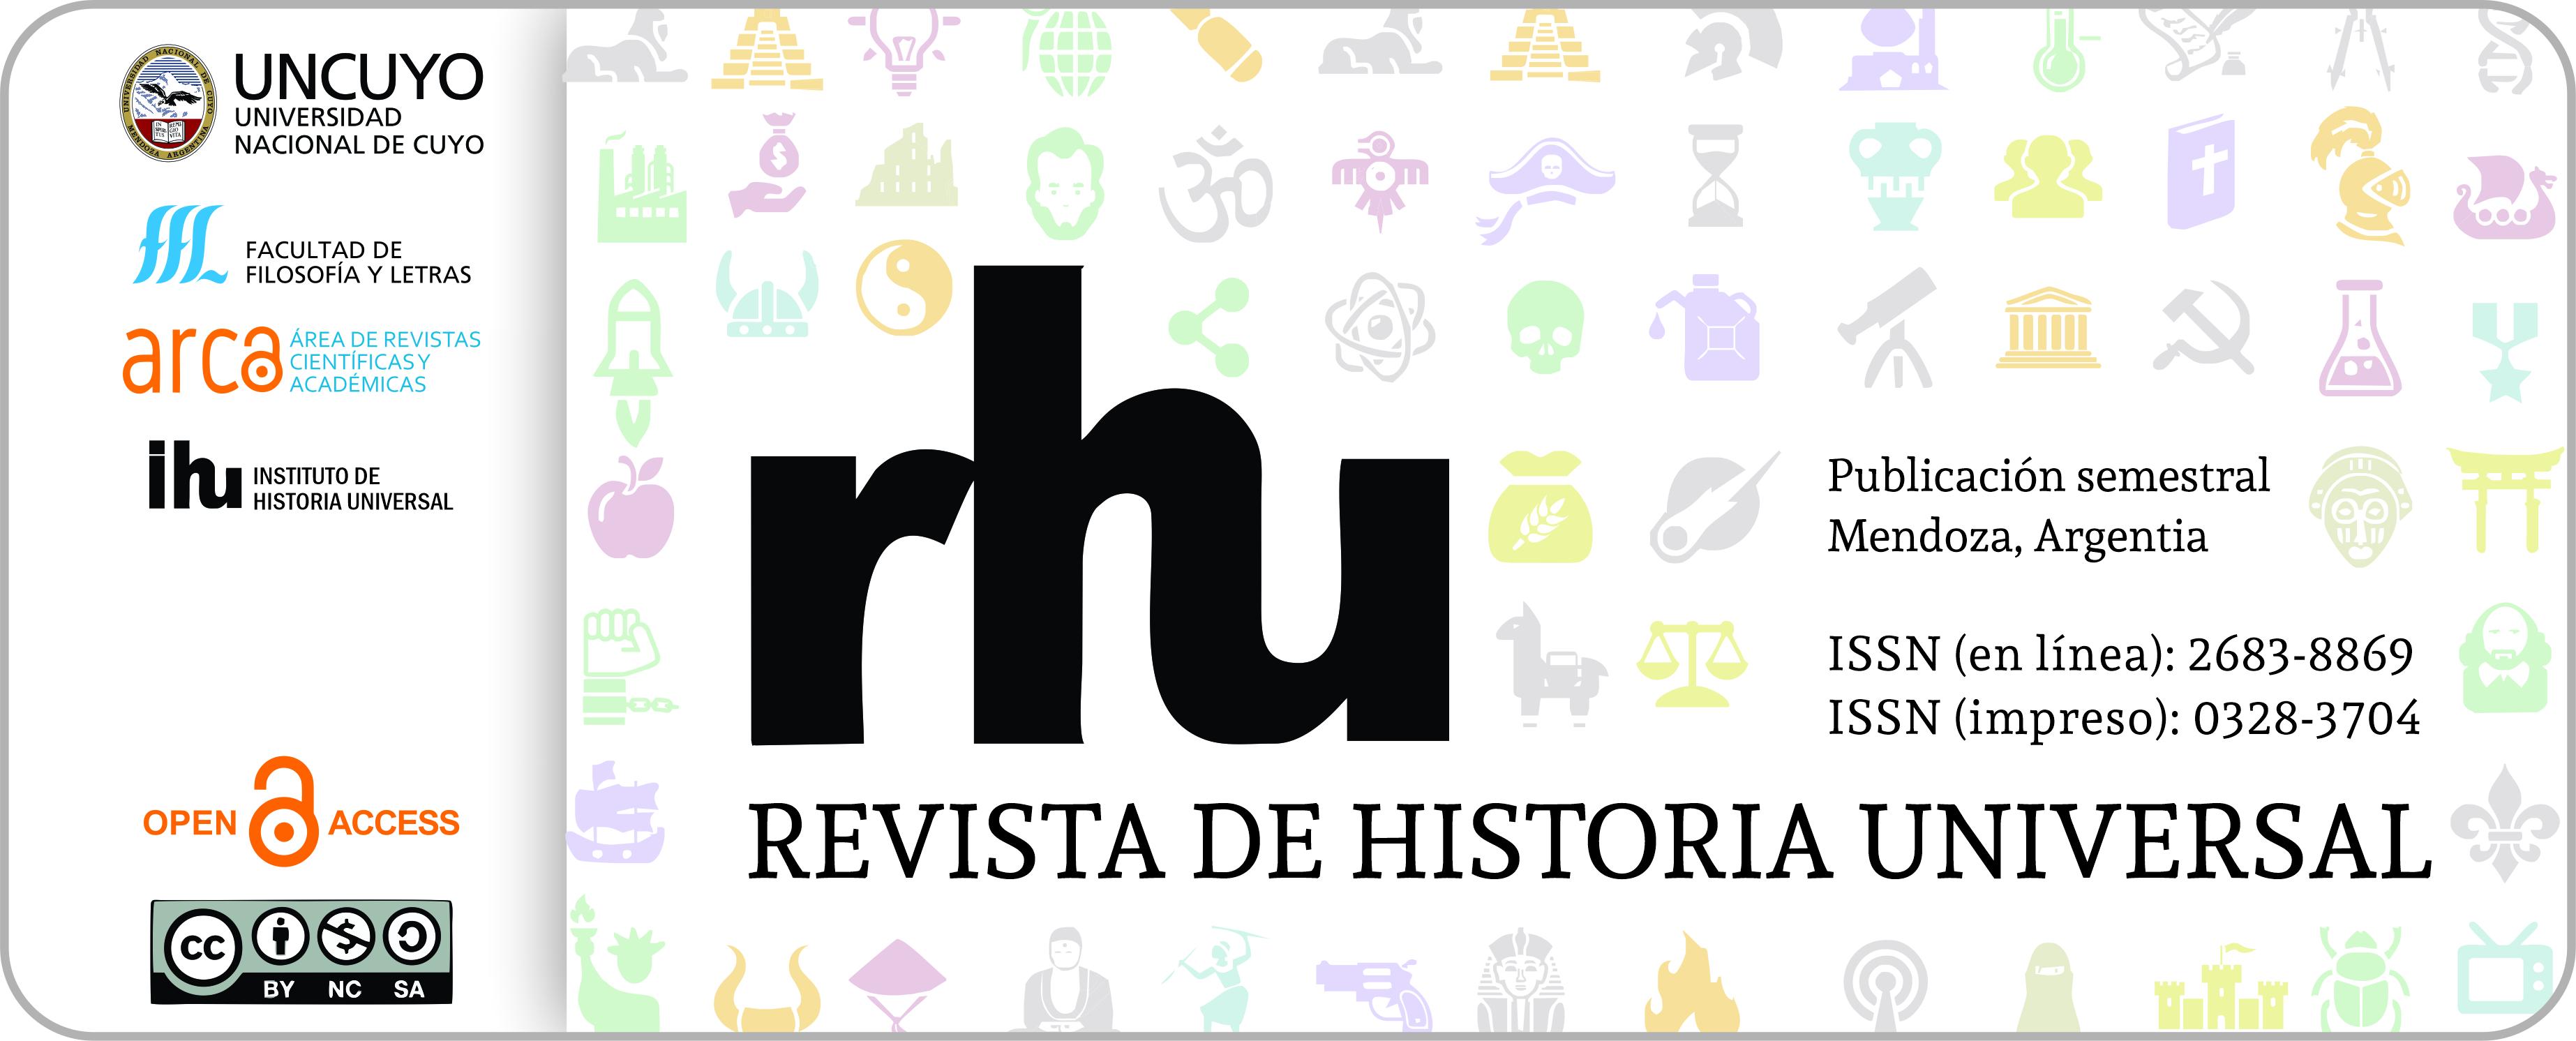 Revista de Historia Universal